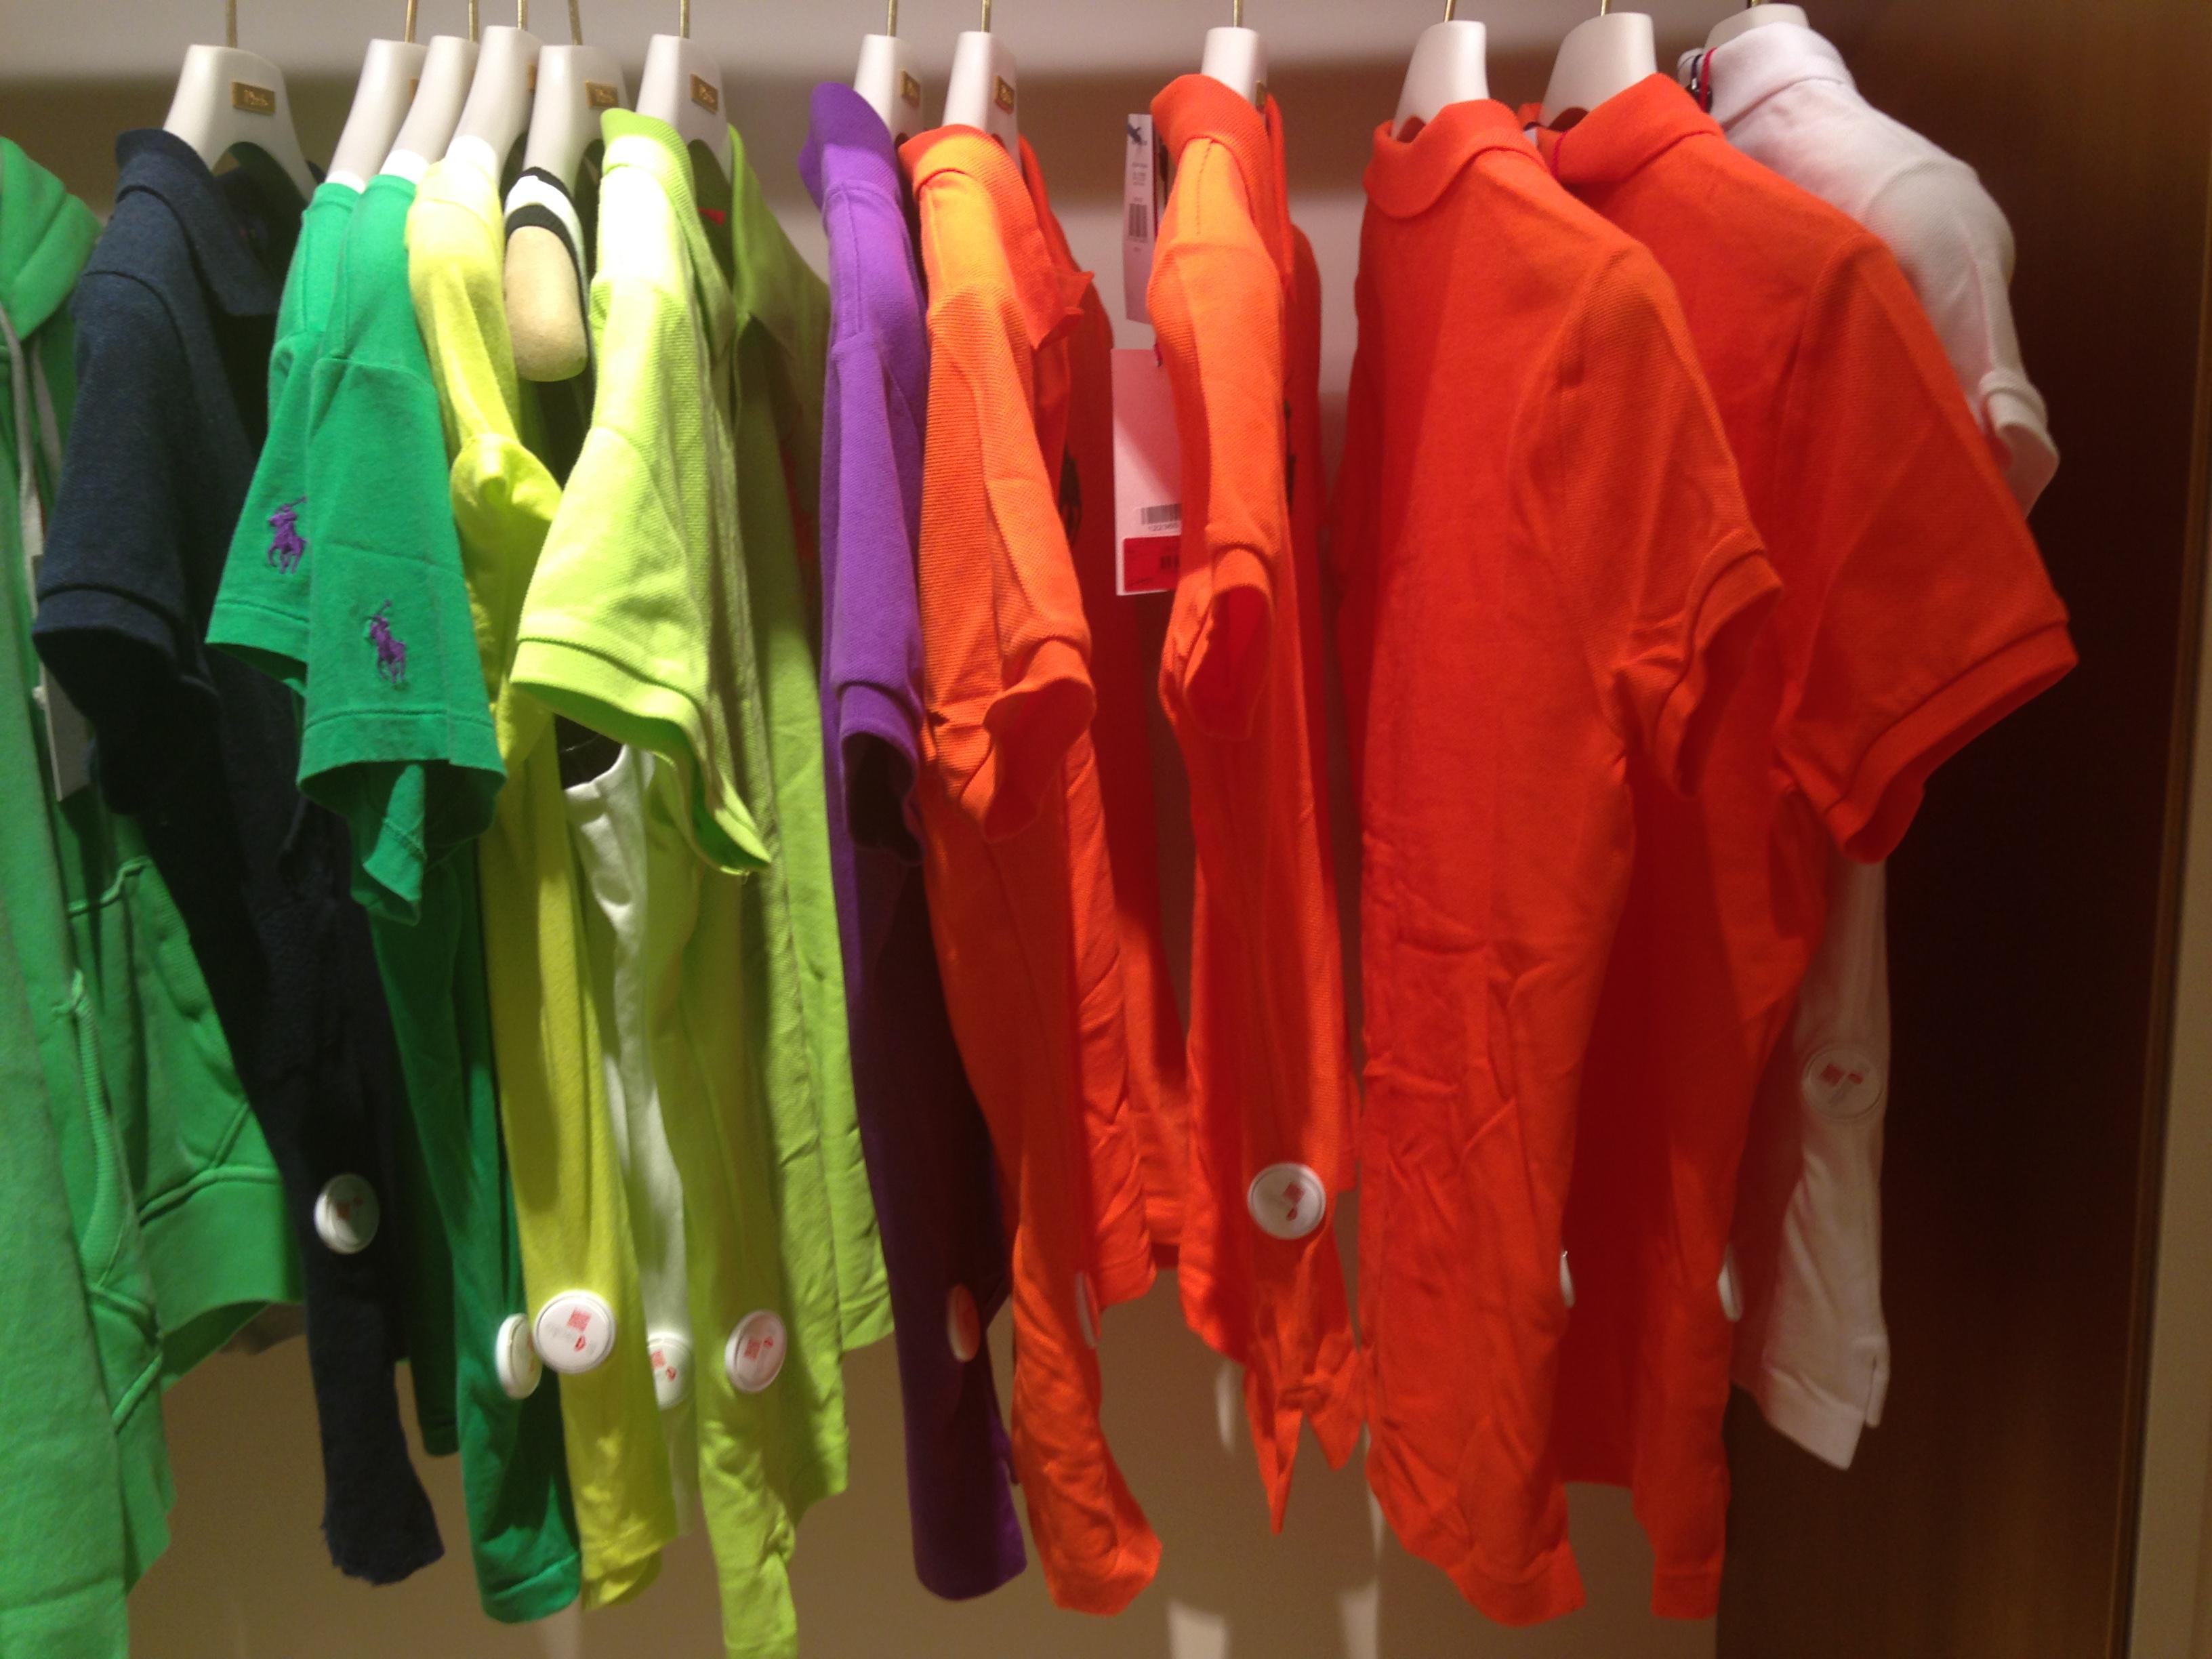 IL BACIO DI STILE leárazás: 850ezres ruhák között turkáltunk Gattyán üzletében